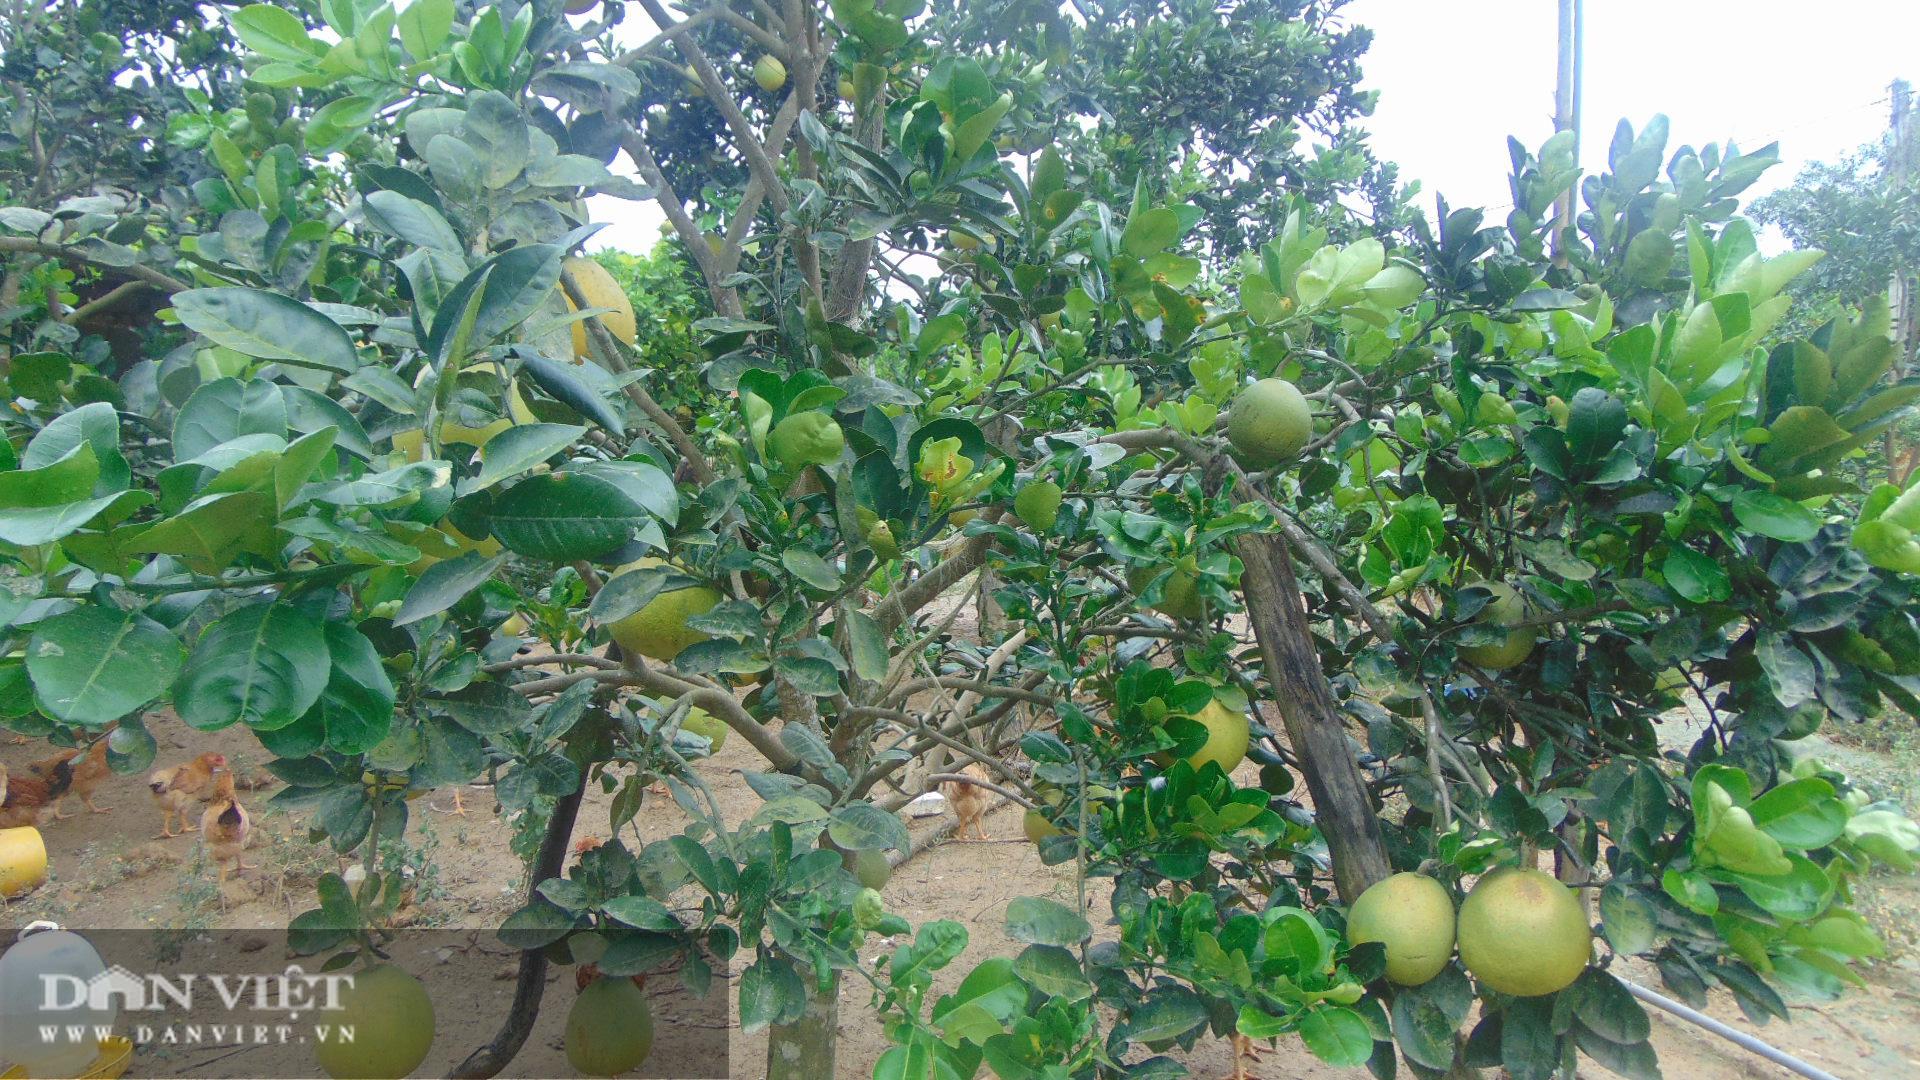 Thái Nguyên nông dân rủ nhau trồng giống bưởi quý có cây cho cả nghìn quả  - Ảnh 2.